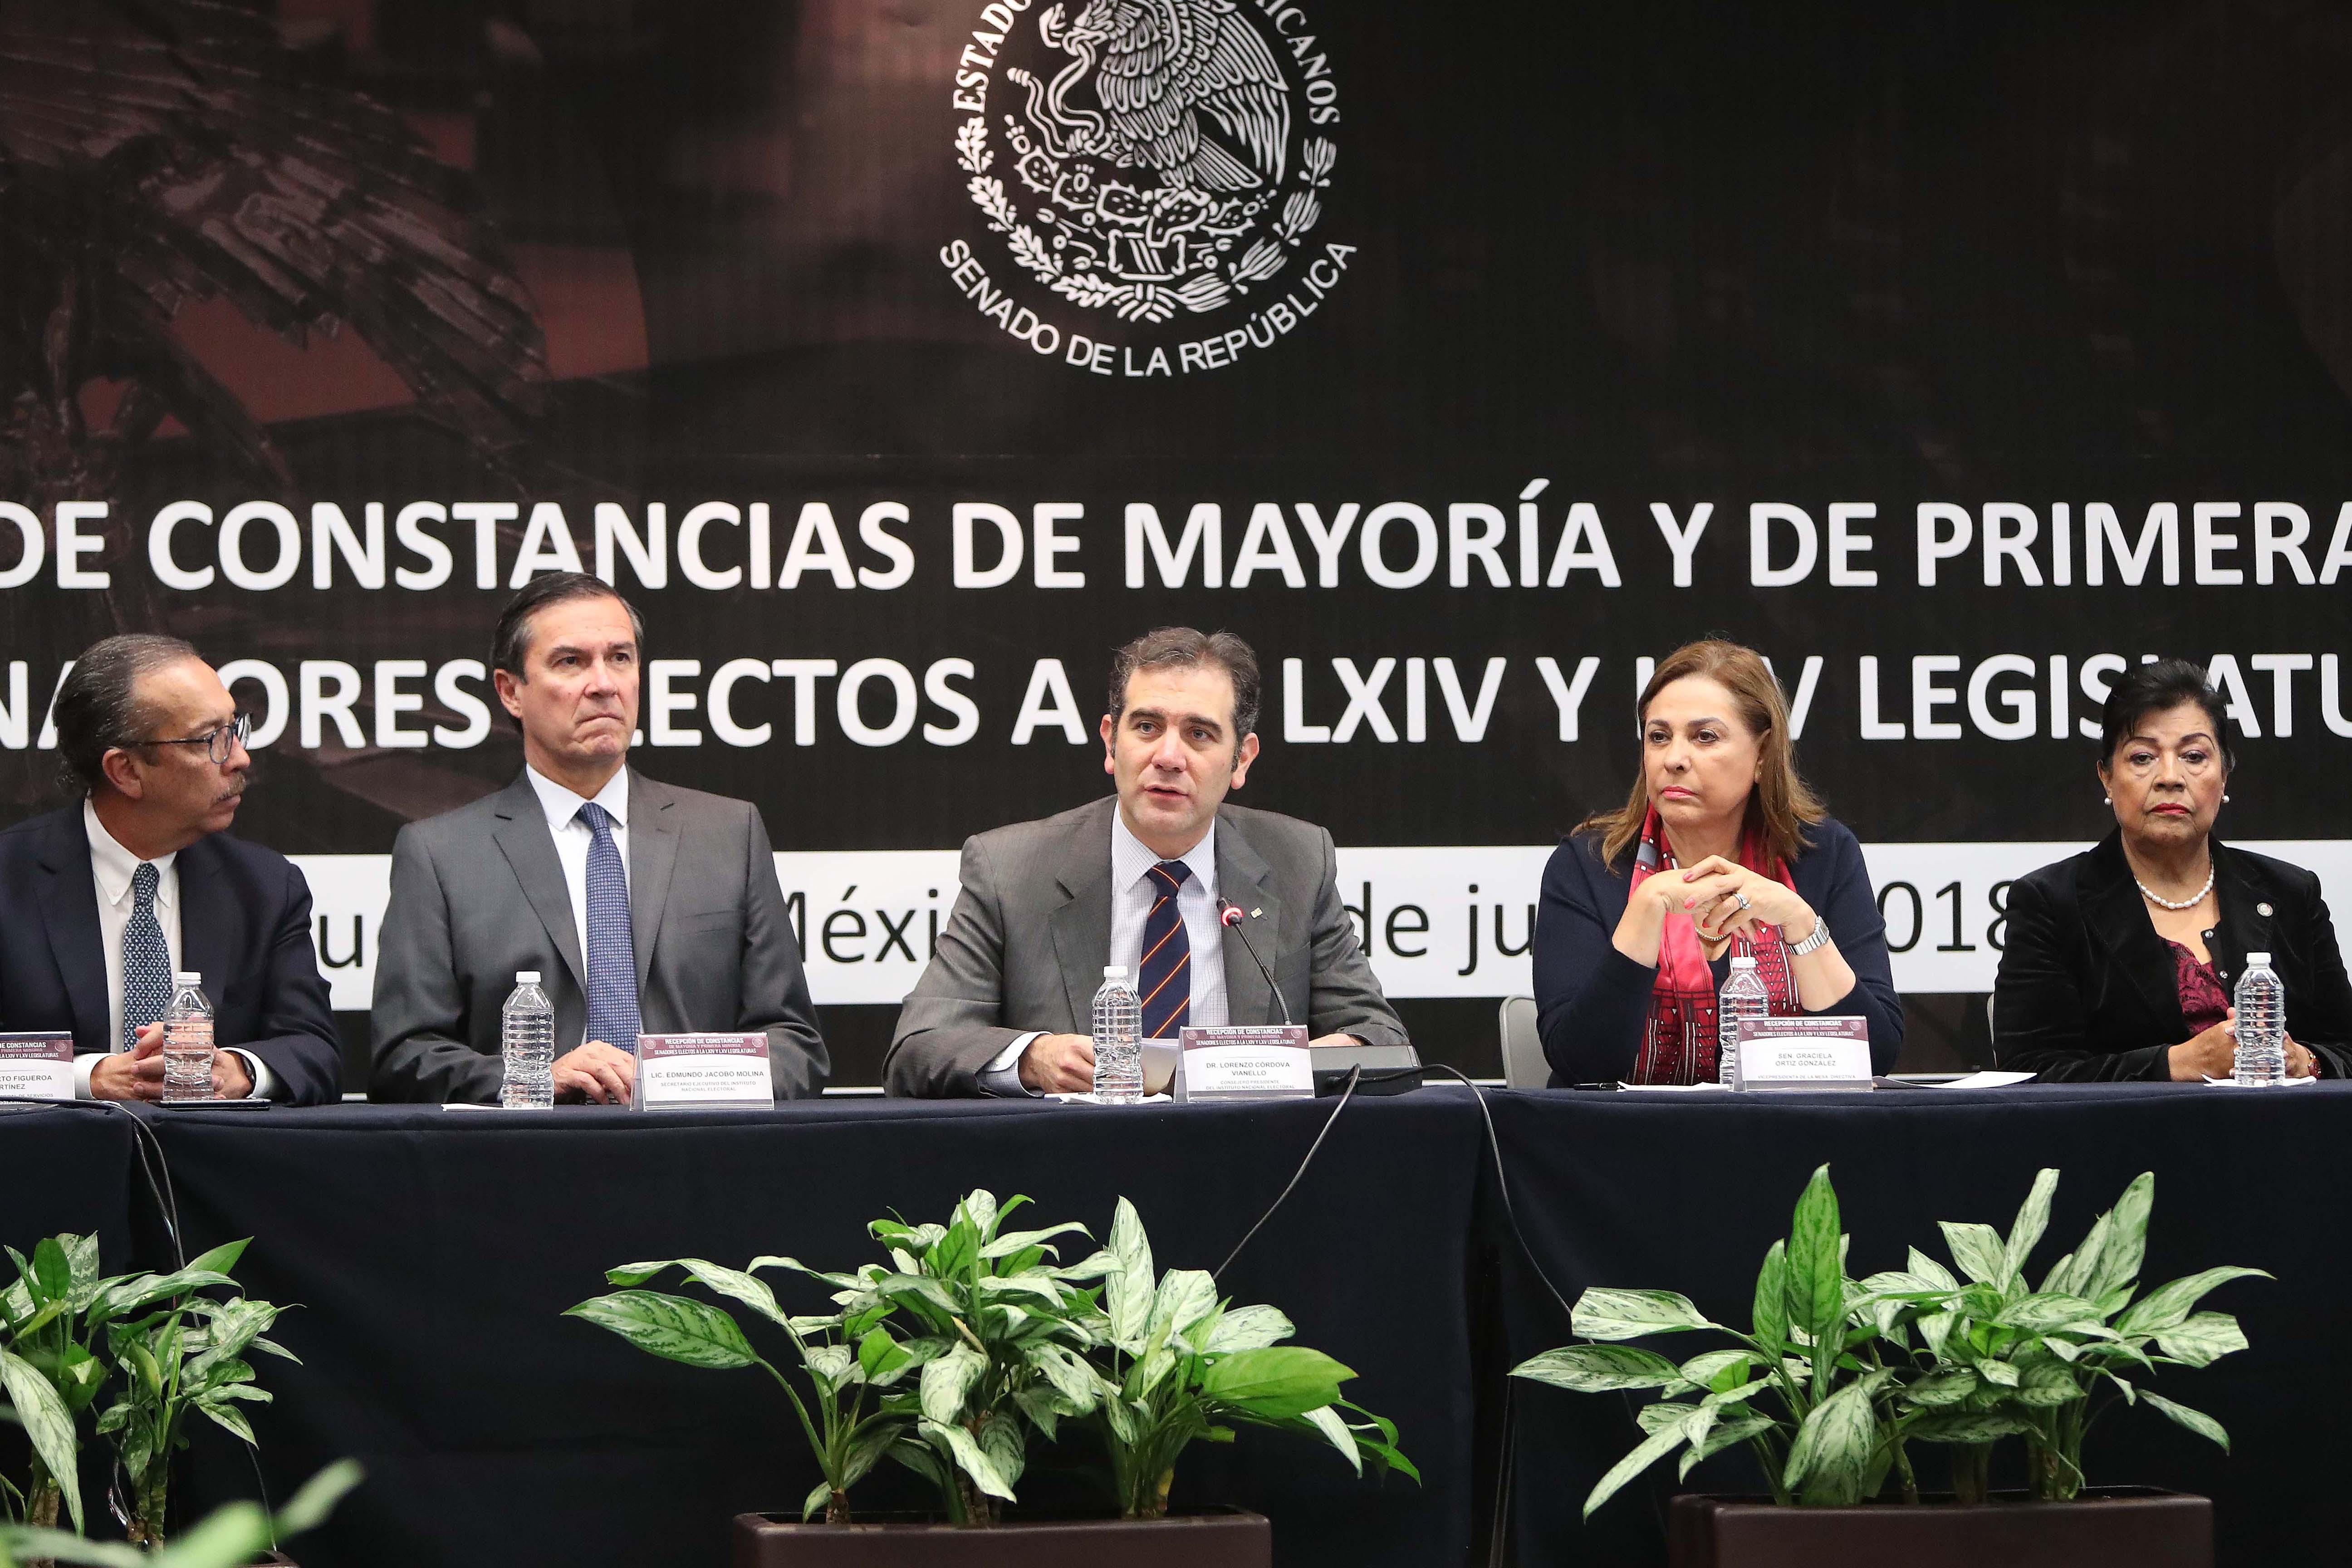 Senado recibe constancias que acreditan a los senadores electos a las LXIV y LXV Legislaturas